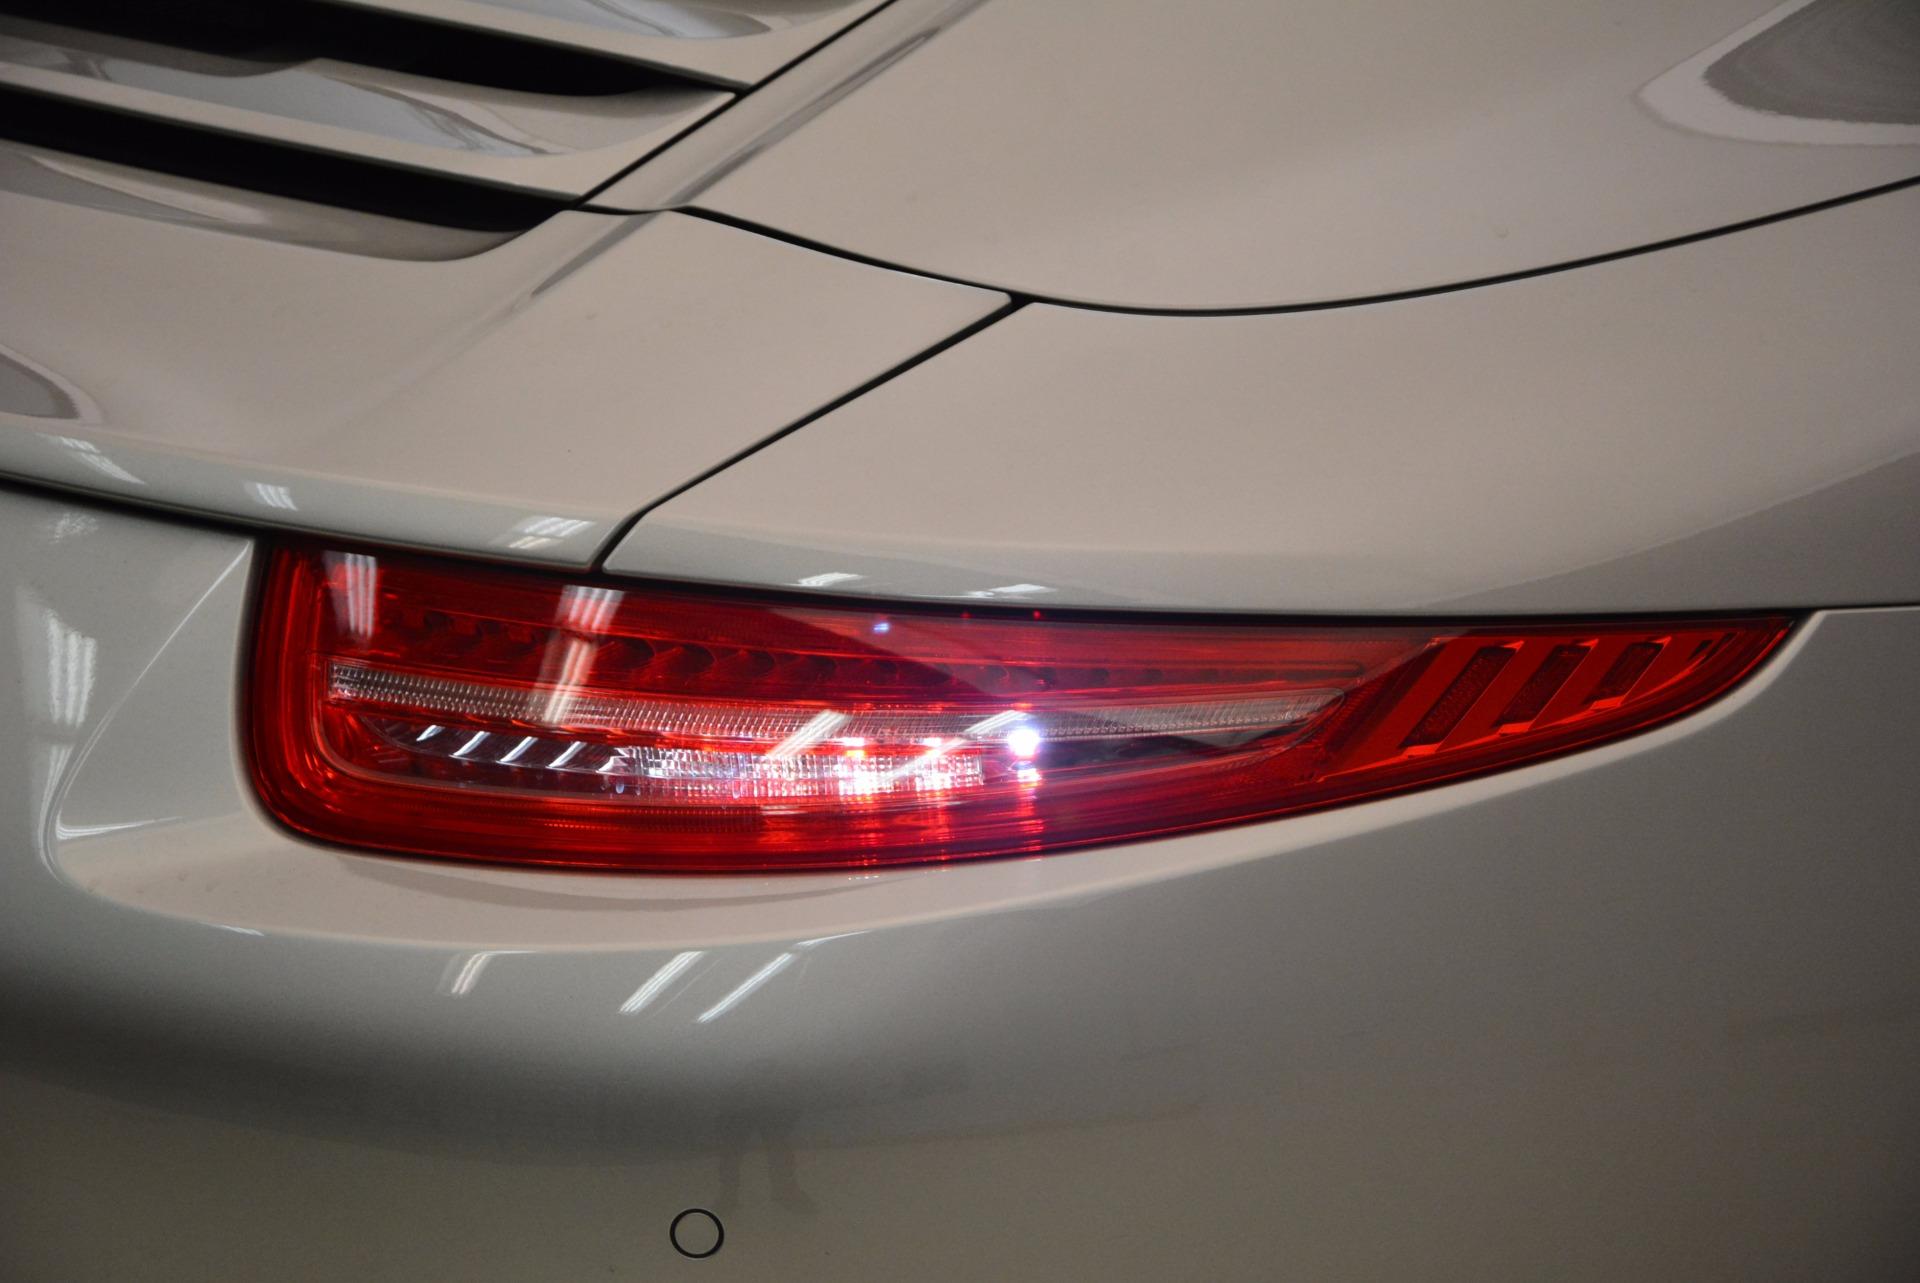 Used 2012 Porsche 911 Carrera S For Sale In Greenwich, CT 1790_p37